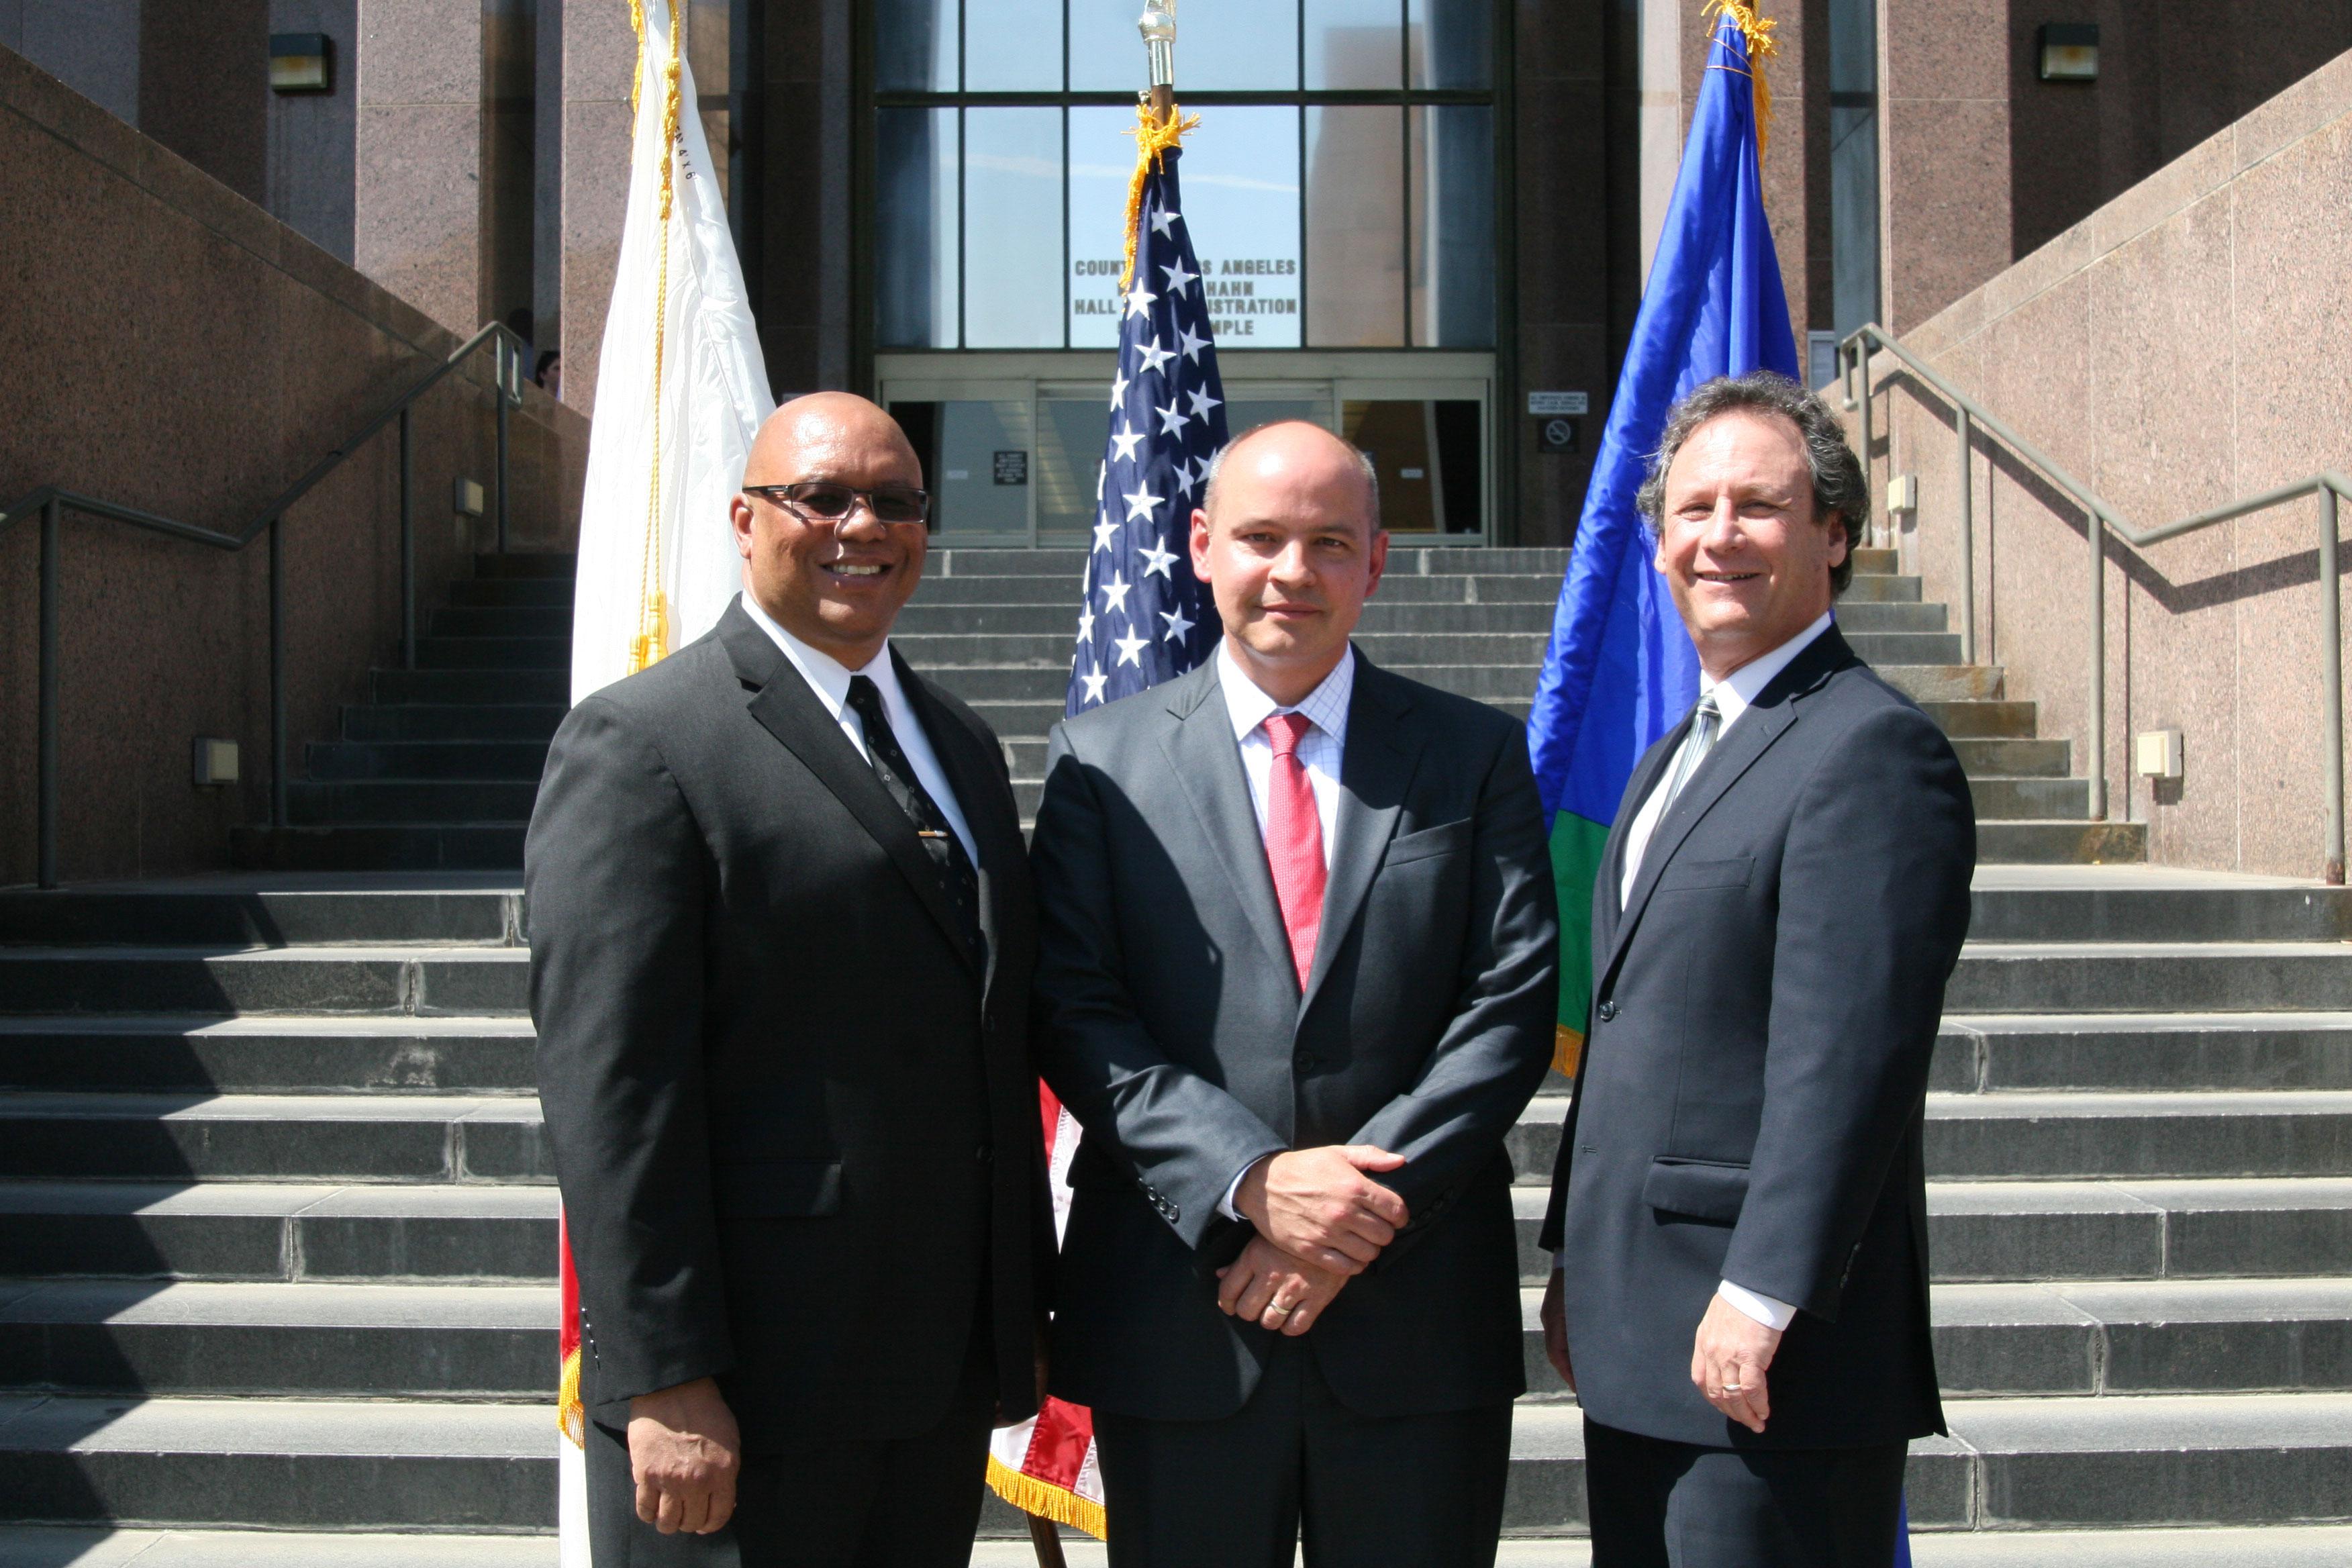 Brian J. Stiger, Daniel Dodd-Ramirez, Phil Ansell